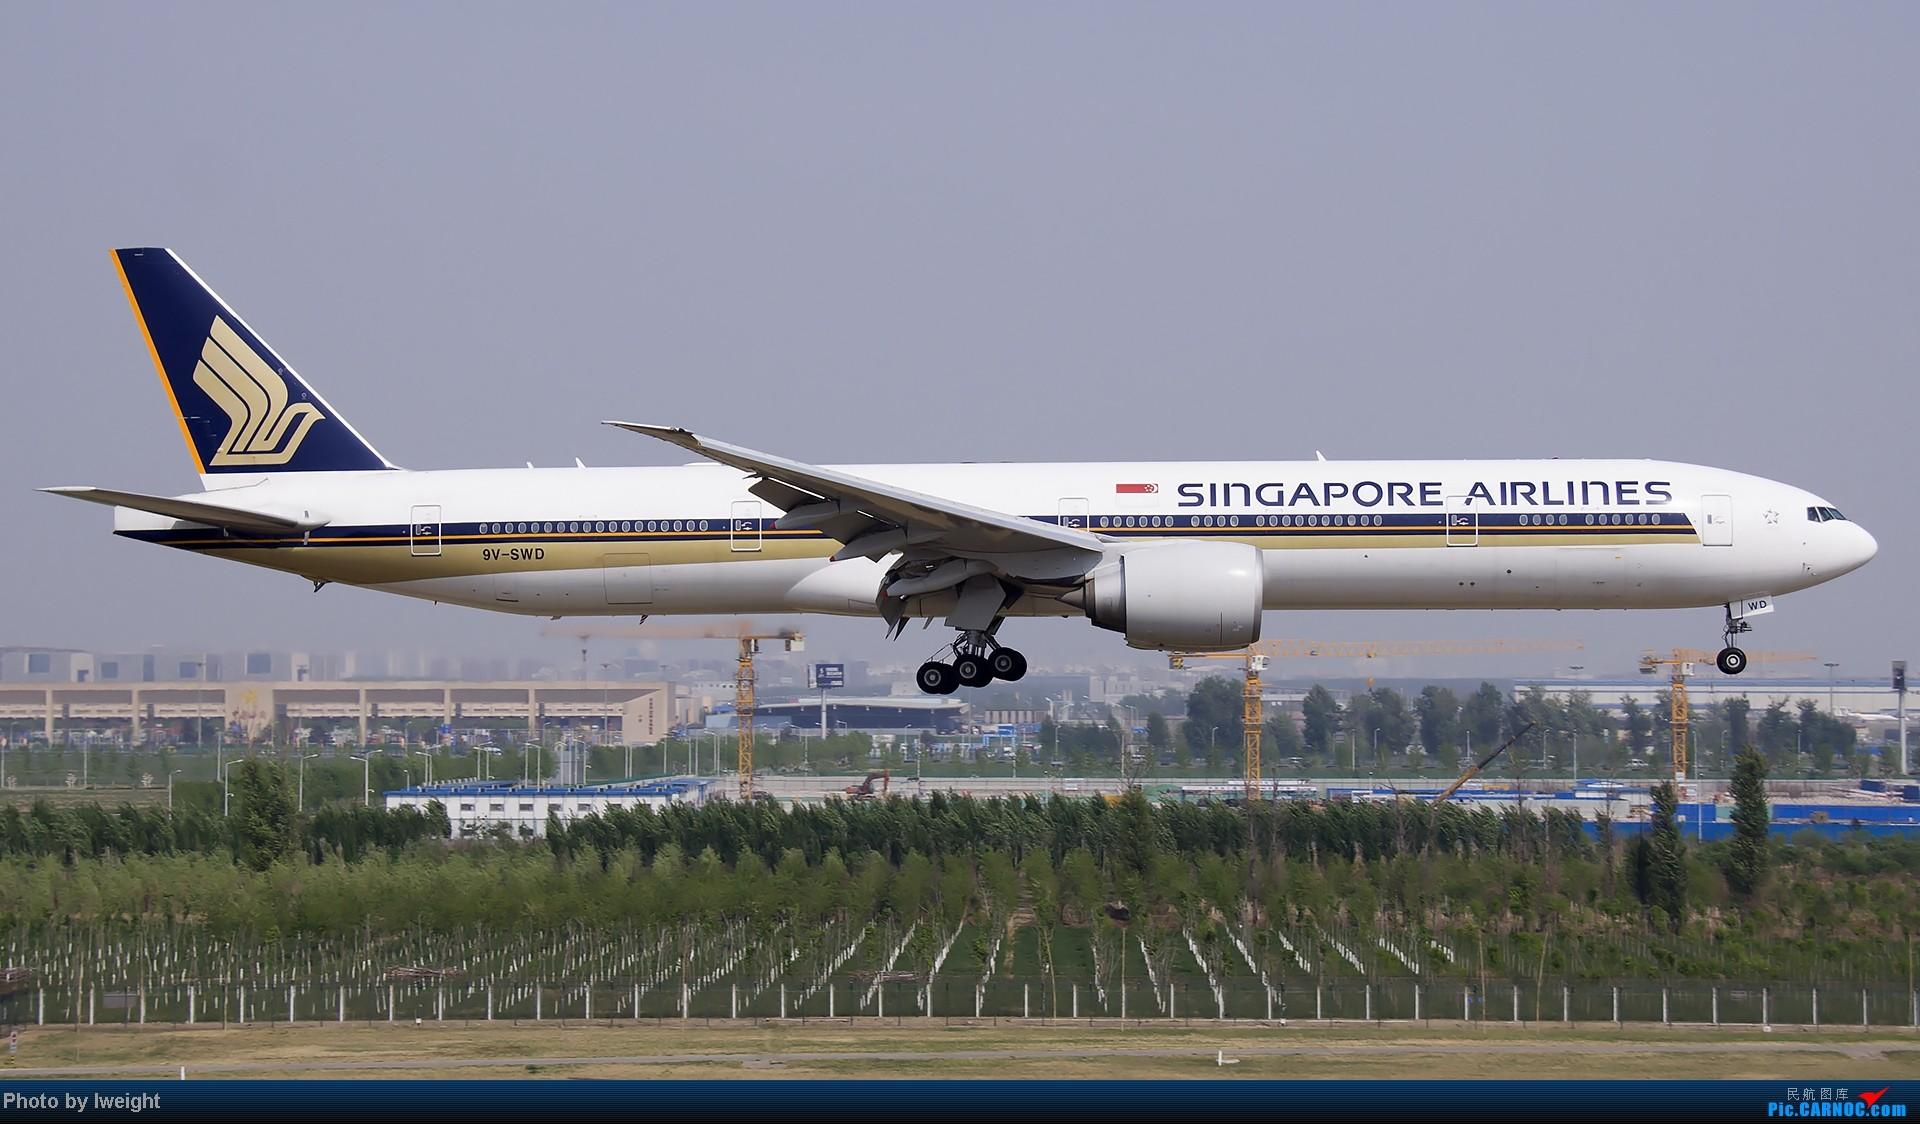 Re:[原创]错过了卡航的巴塞罗那号,只有这些大路货了,泪奔啊 BOEING 777-300ER 9V-SWD 中国北京首都机场